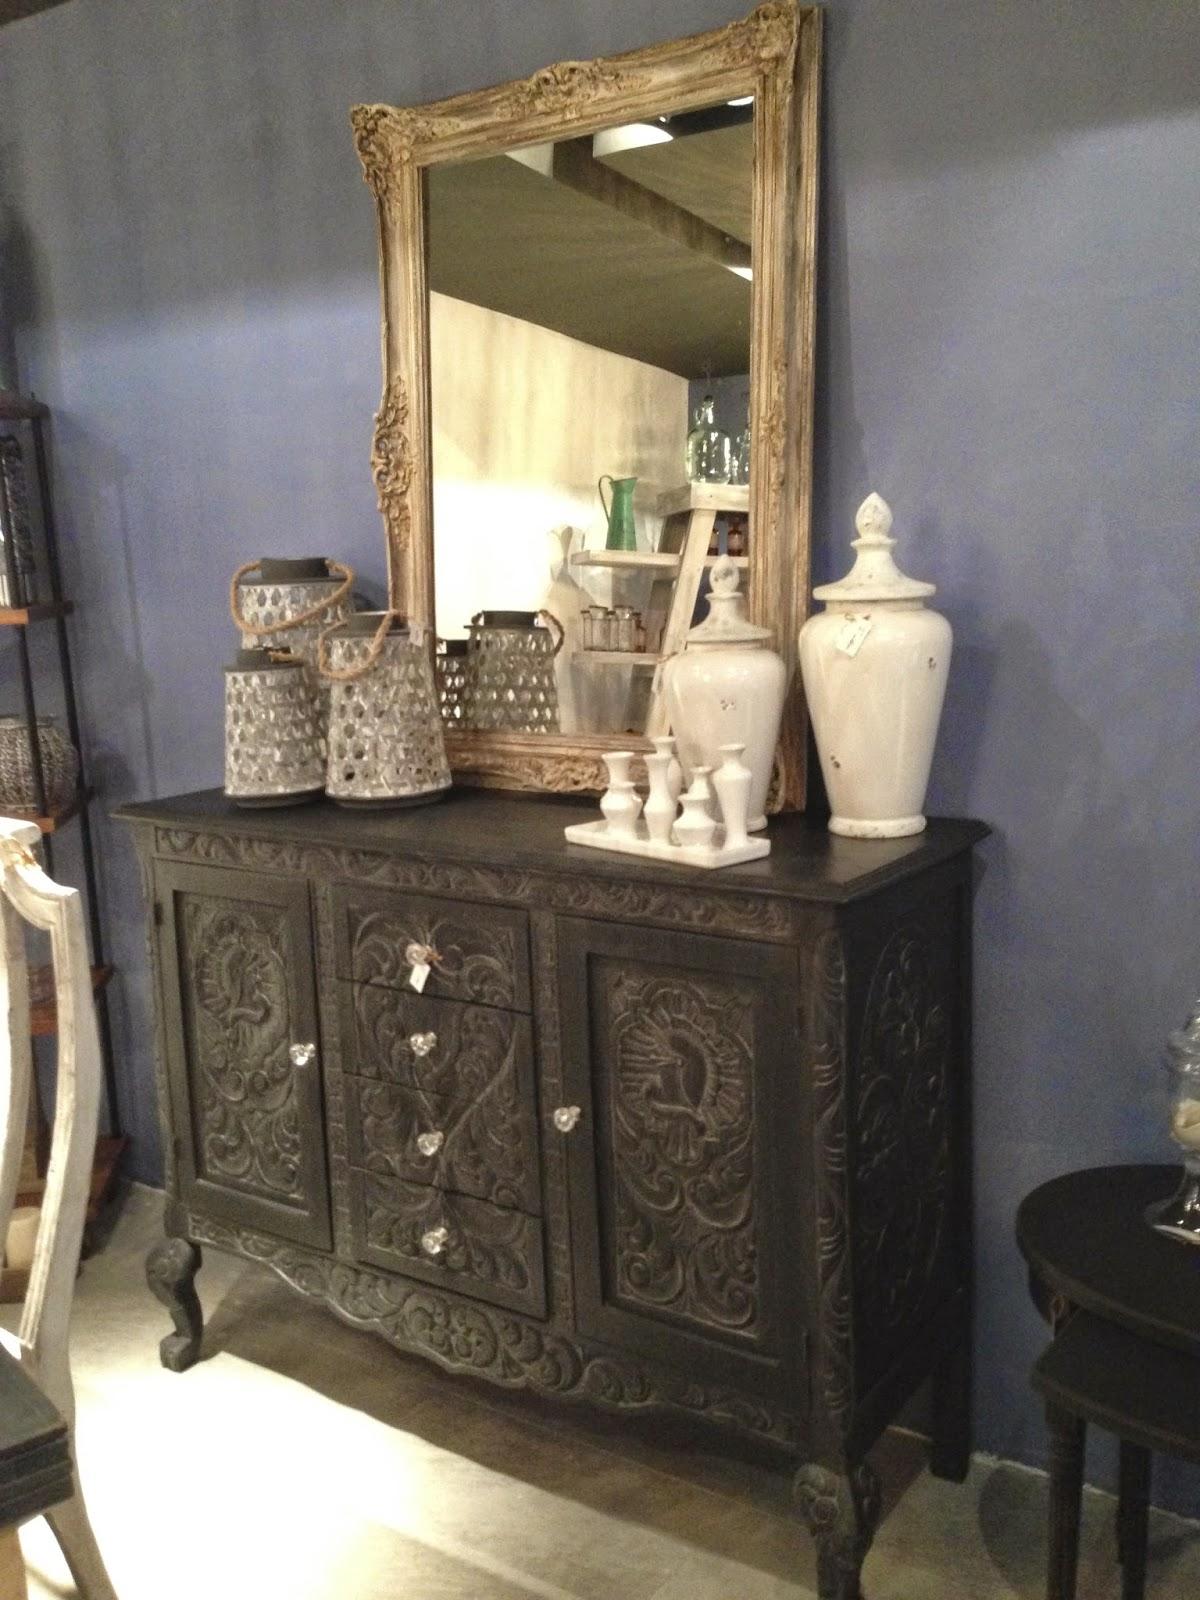 El taller de lino y encino nuevo showroom de lino y encino for Muebles vintage mexico